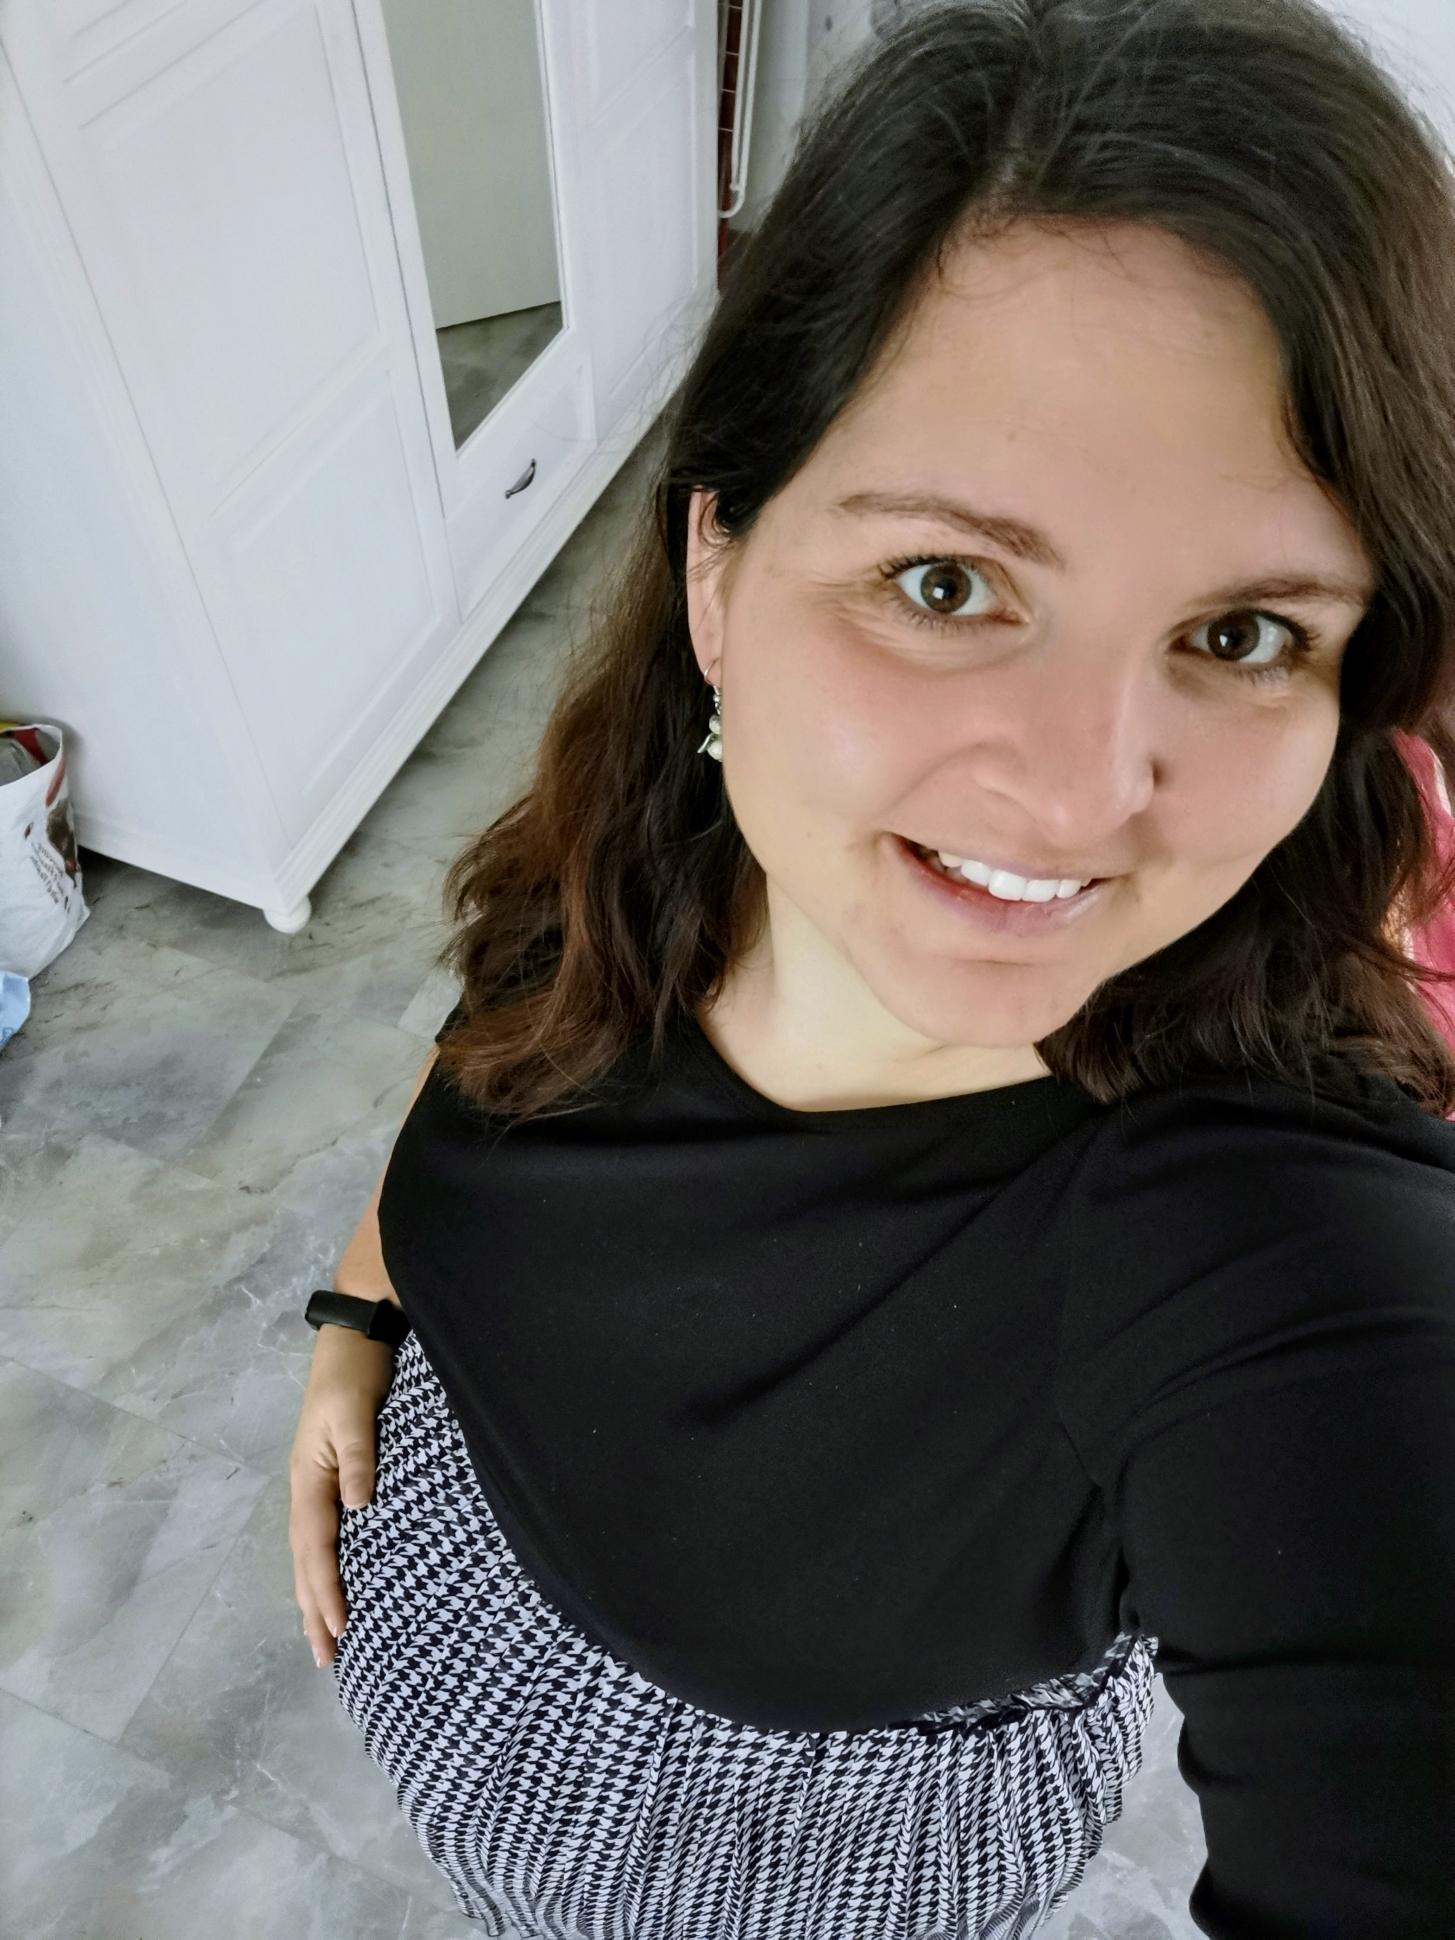 13 Wochen schwanger mit dem 6. Kind. Über Gelüste, Abneigungen, Shopping für das Baby und dessen Enrwicklung - ein Schwangerschaftsupdate.